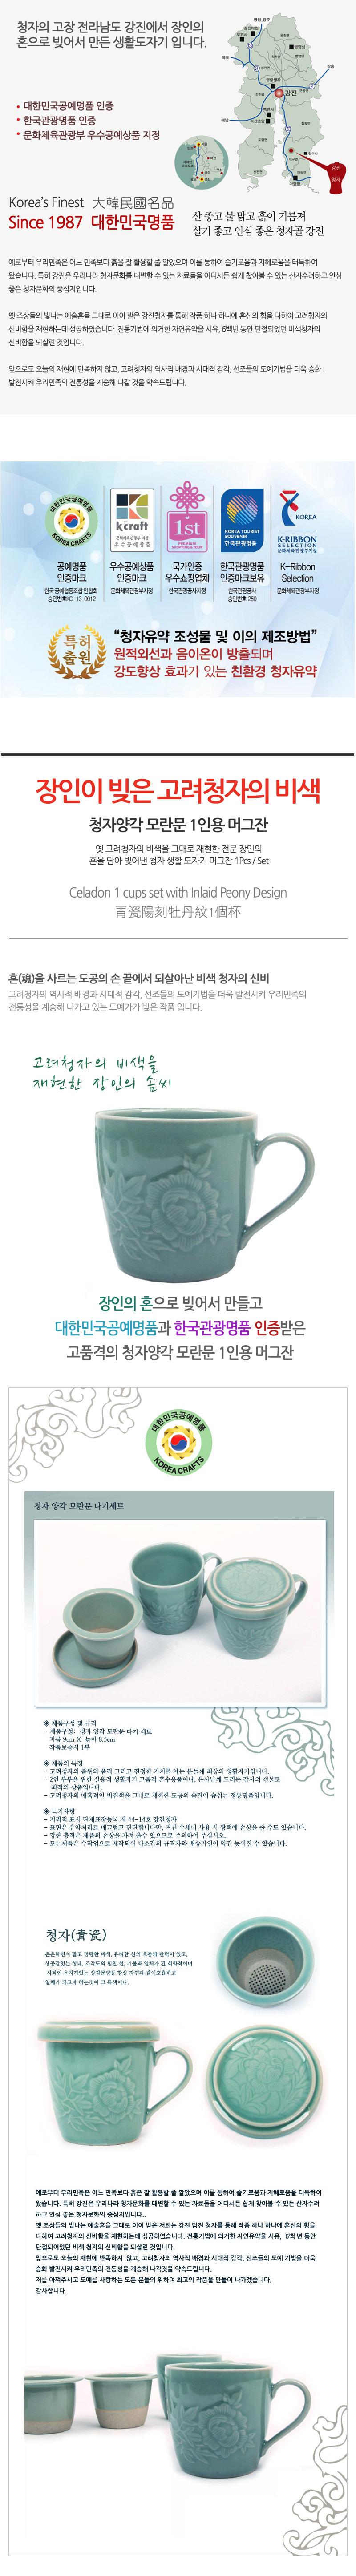 강진탐진청자 청자양각 모란문 손잡이 머그잔(1인용) 소개